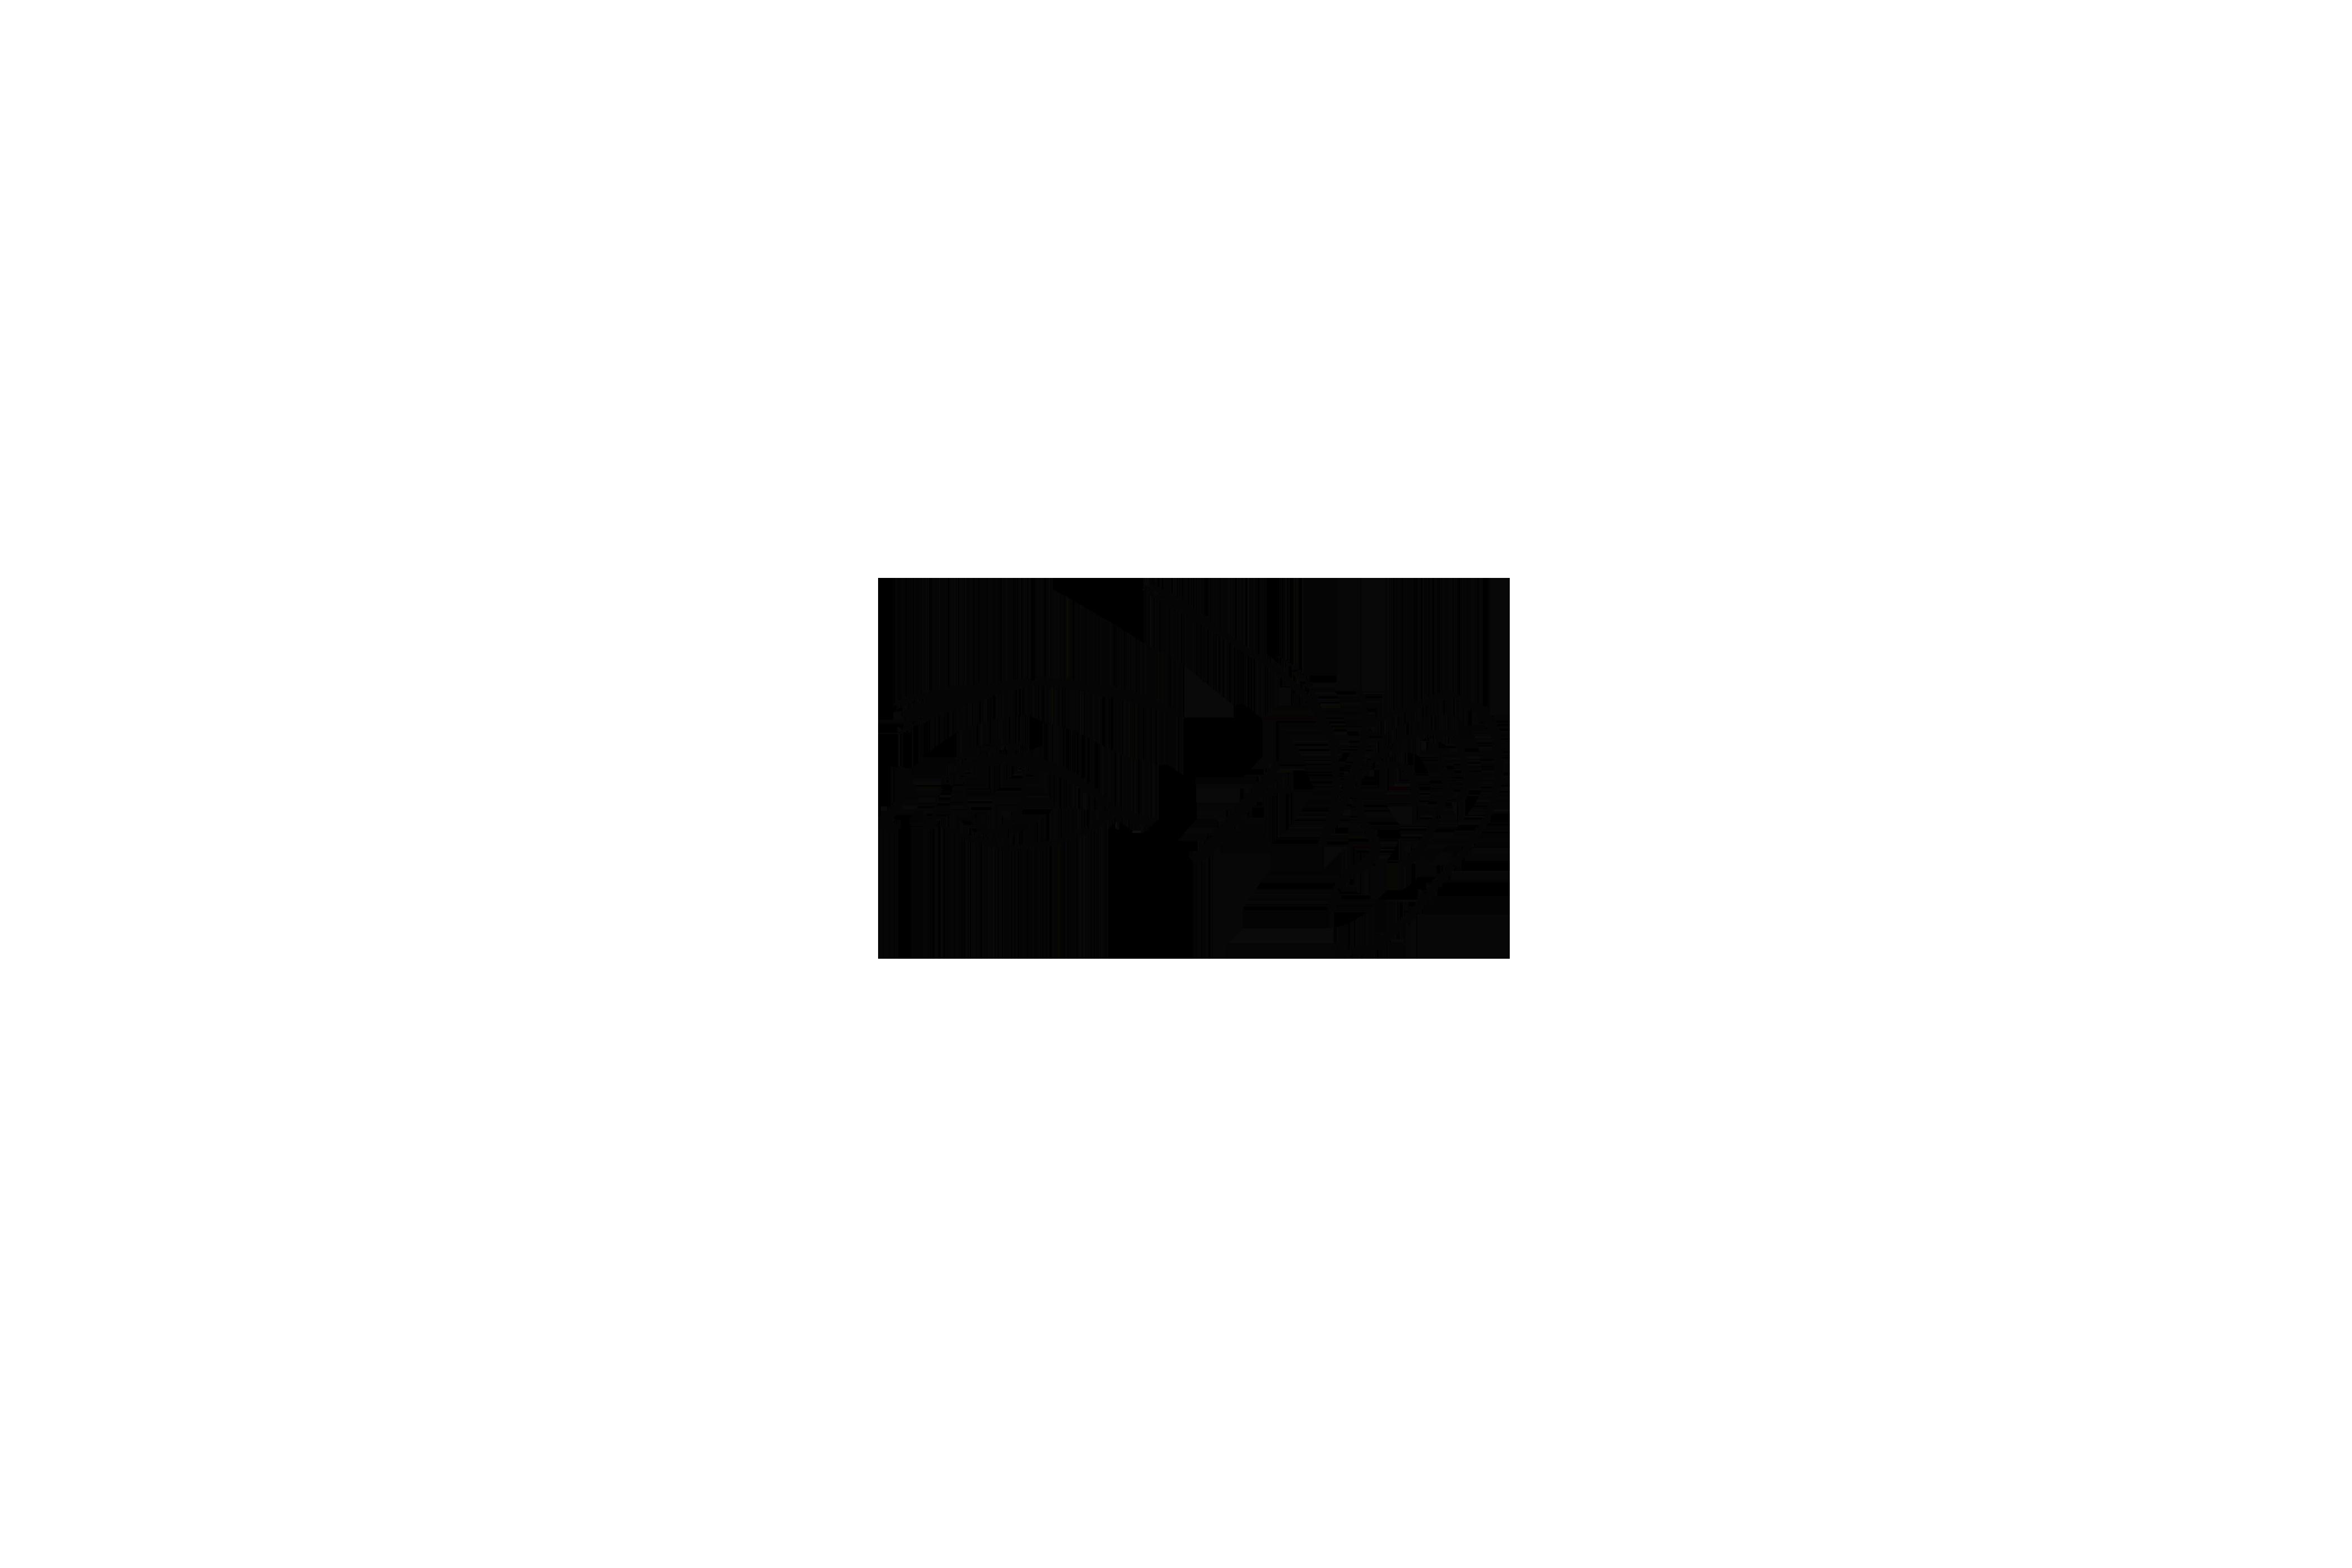 夫妻宫有十字纹等纹路的面相